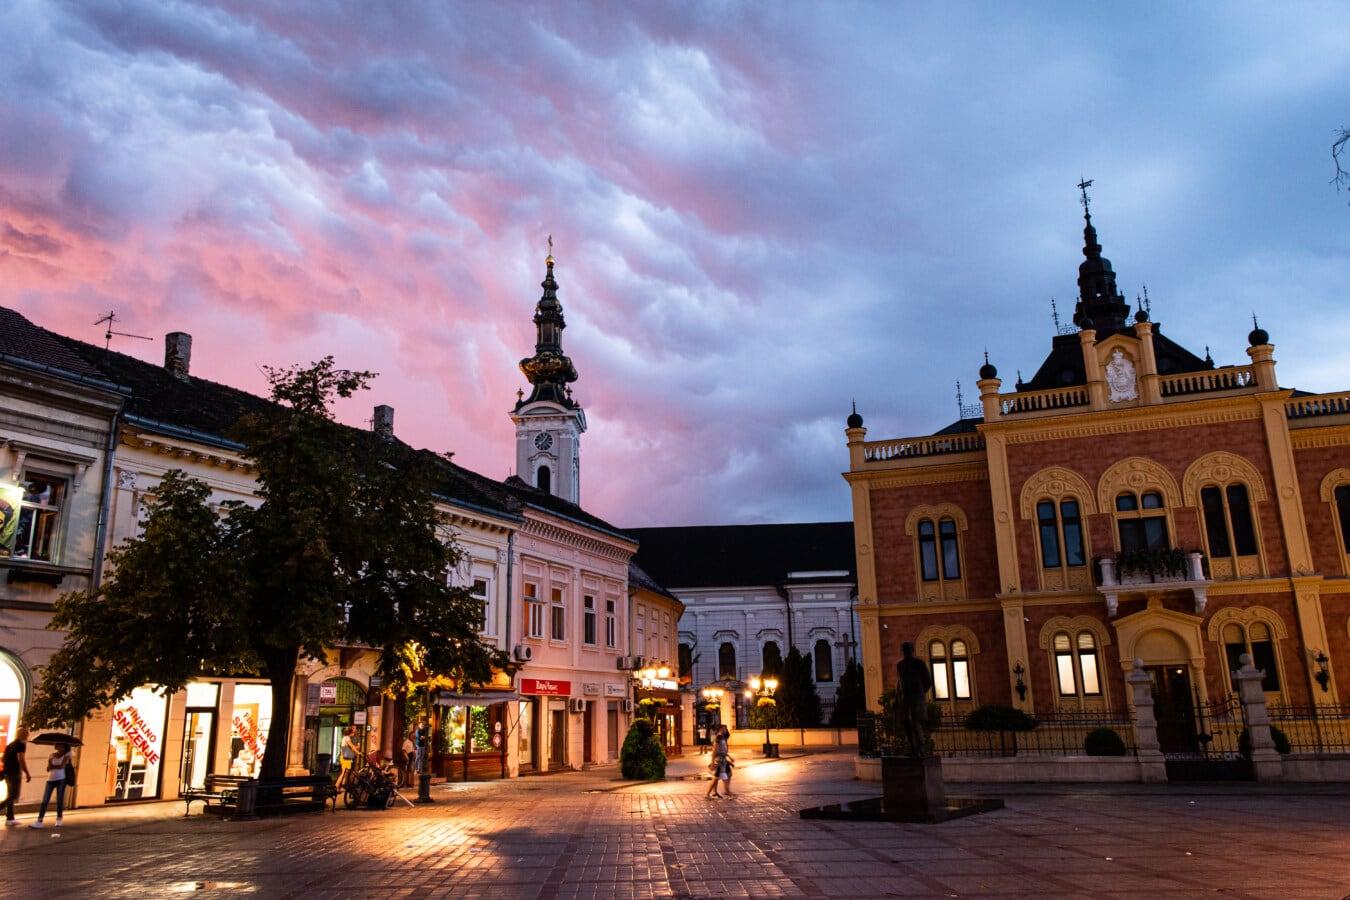 Innenstadt, Platz, 'Nabend, Kirchturm, Museum, Architektur, Straße, Stadt, Gebäude, Dämmerung